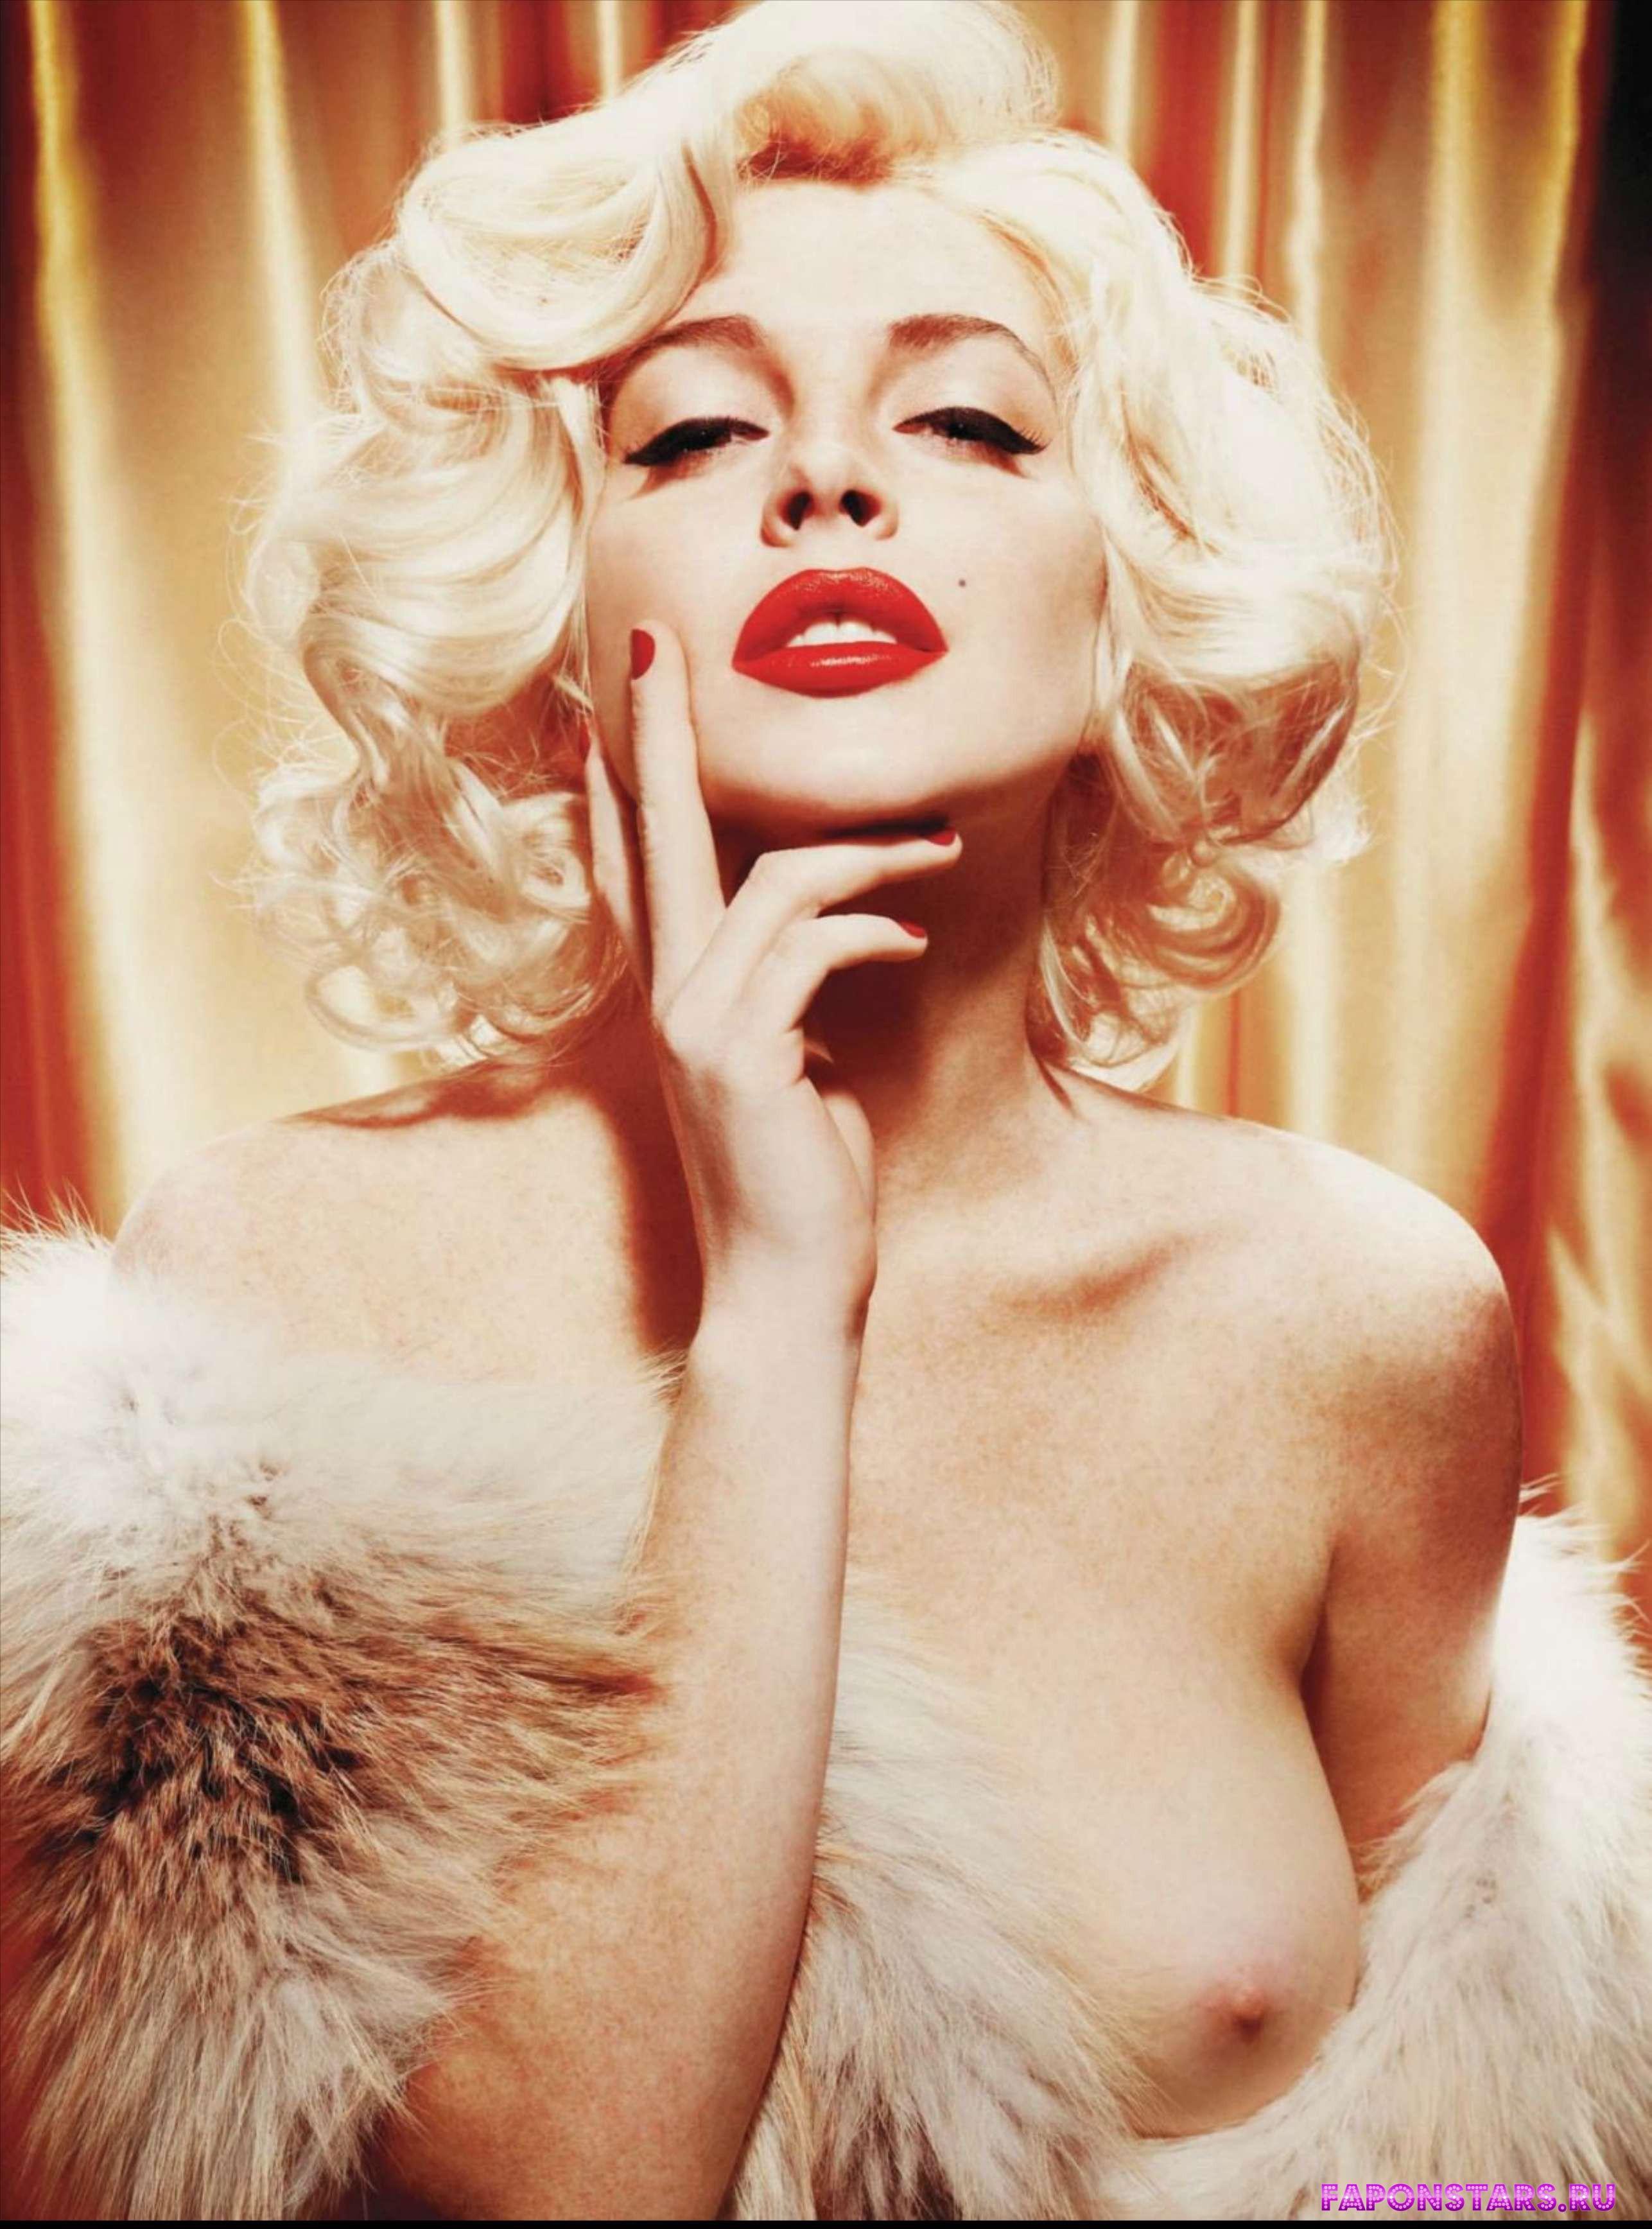 голая Линдси Лохан в образе Монро в журнале плейбой